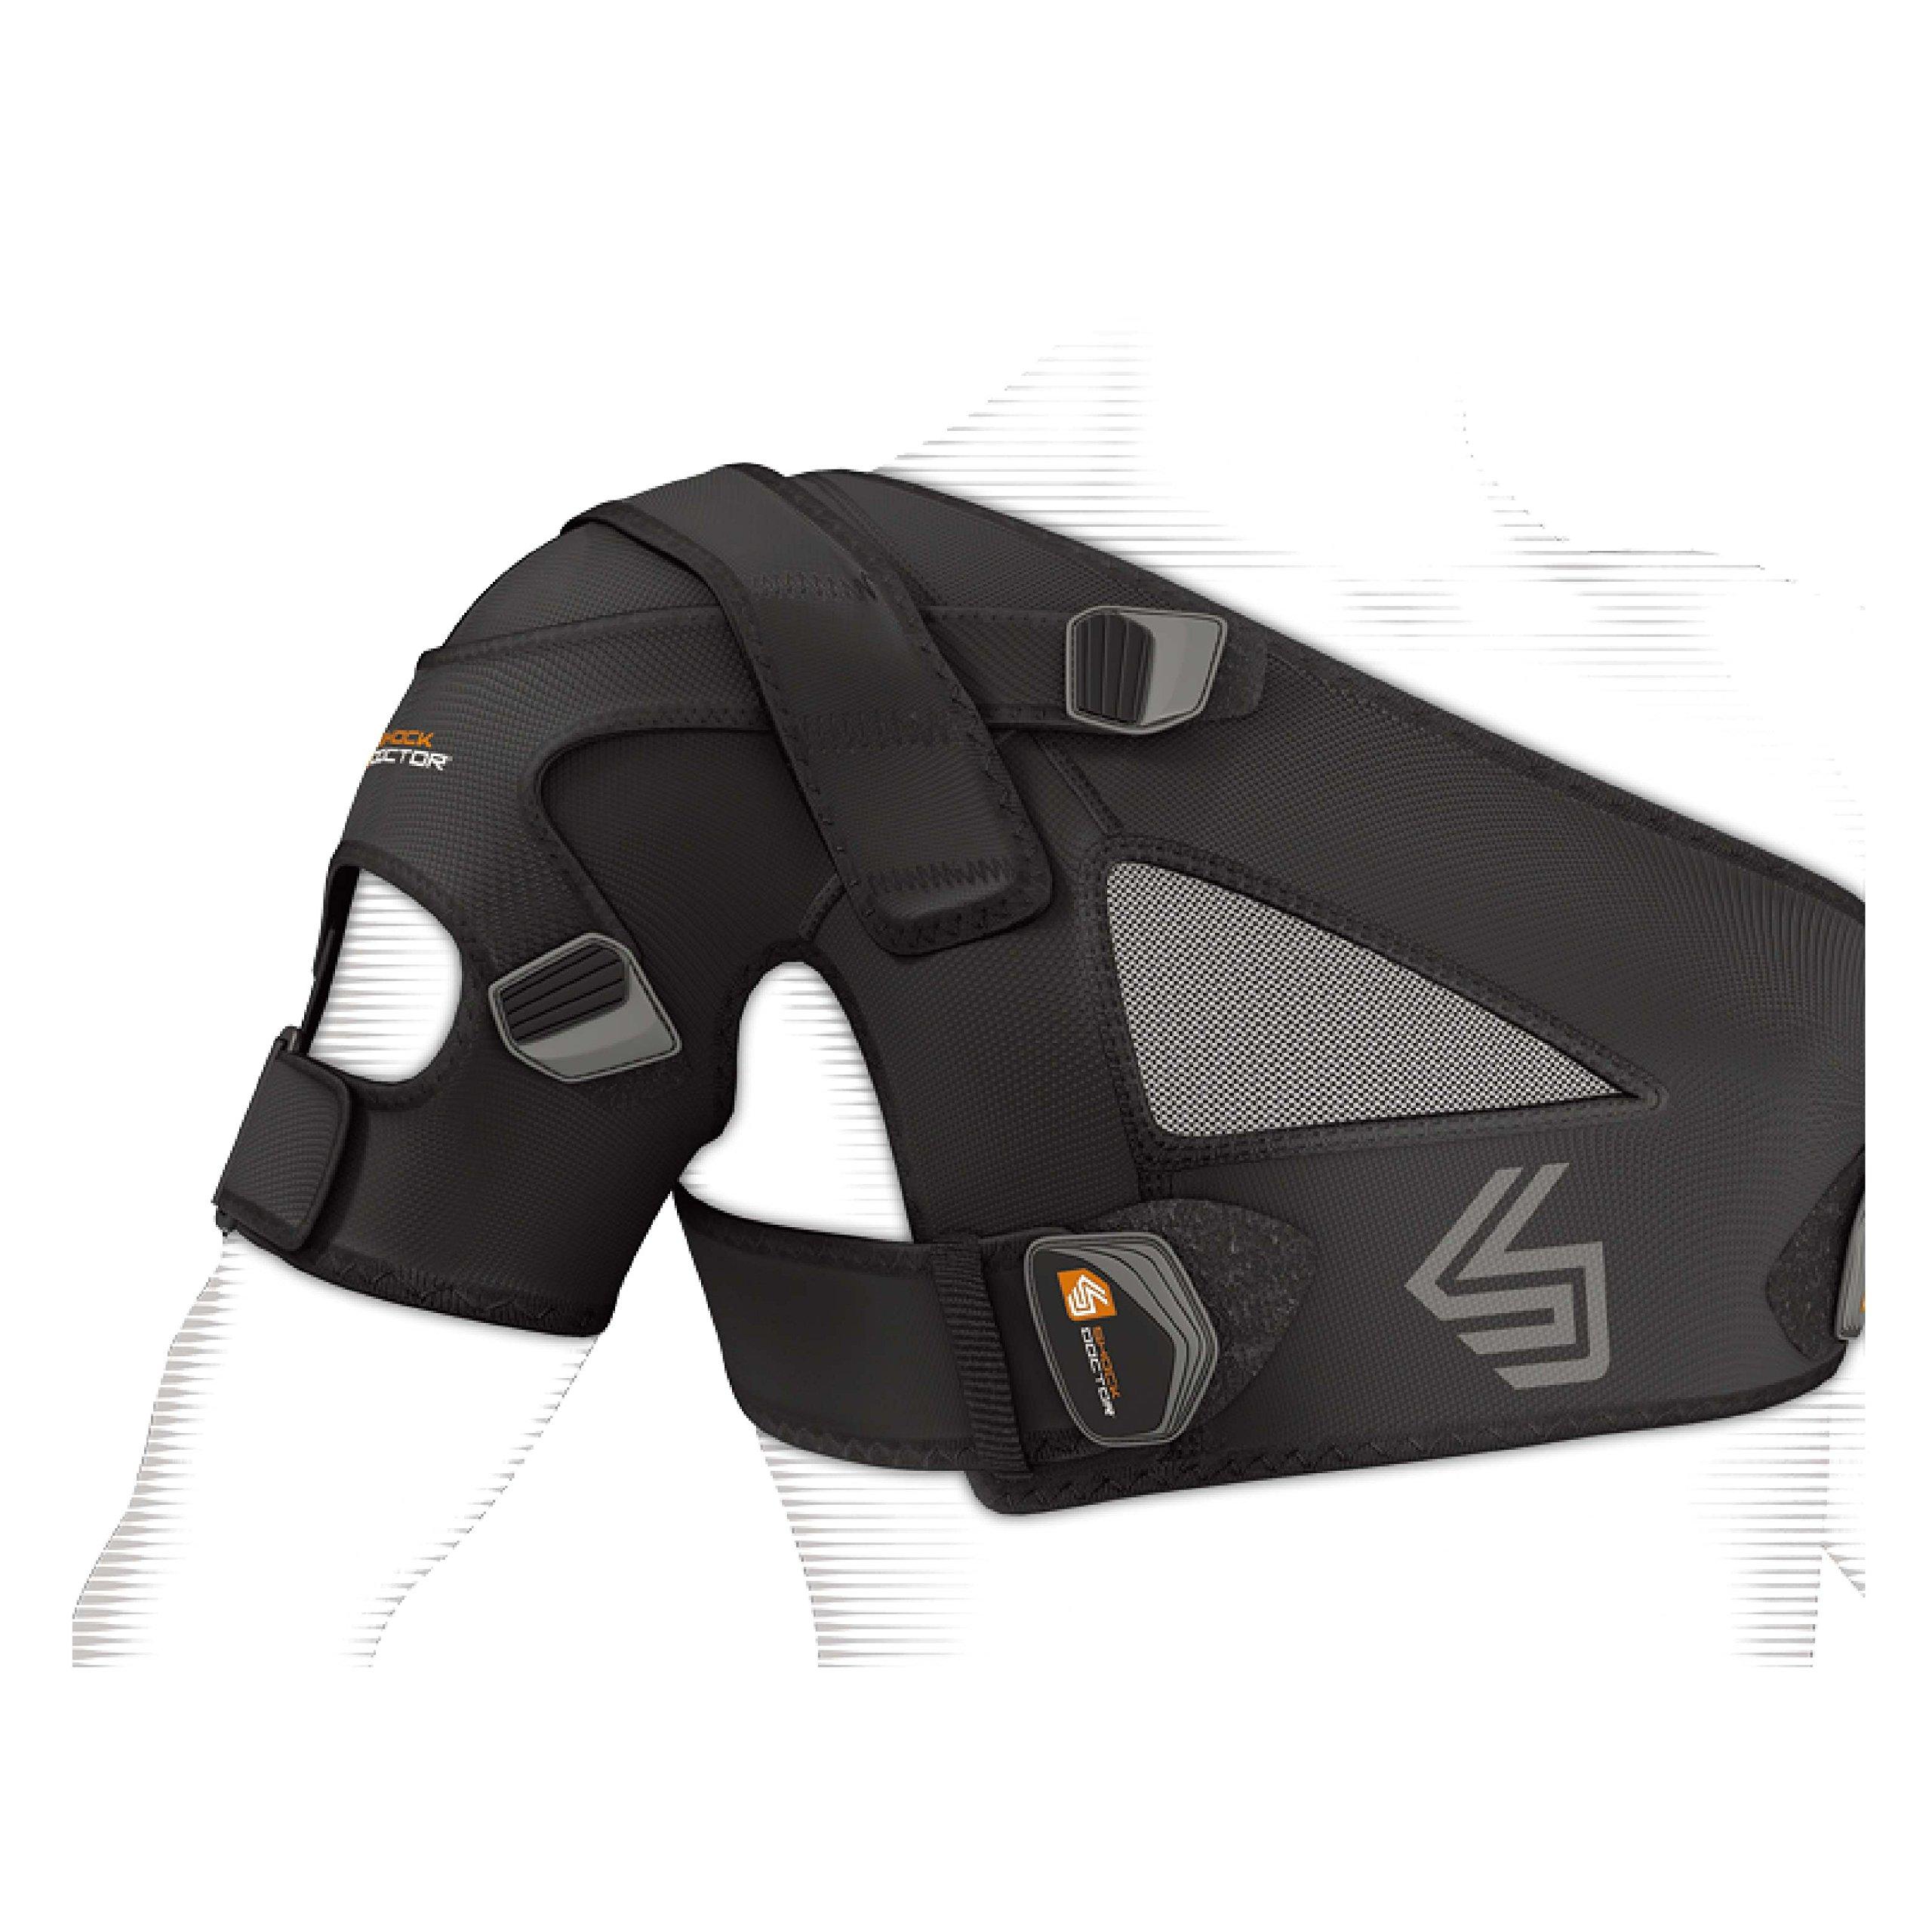 Shock Doctor Shoulder Support (Black, Large/X-Large)